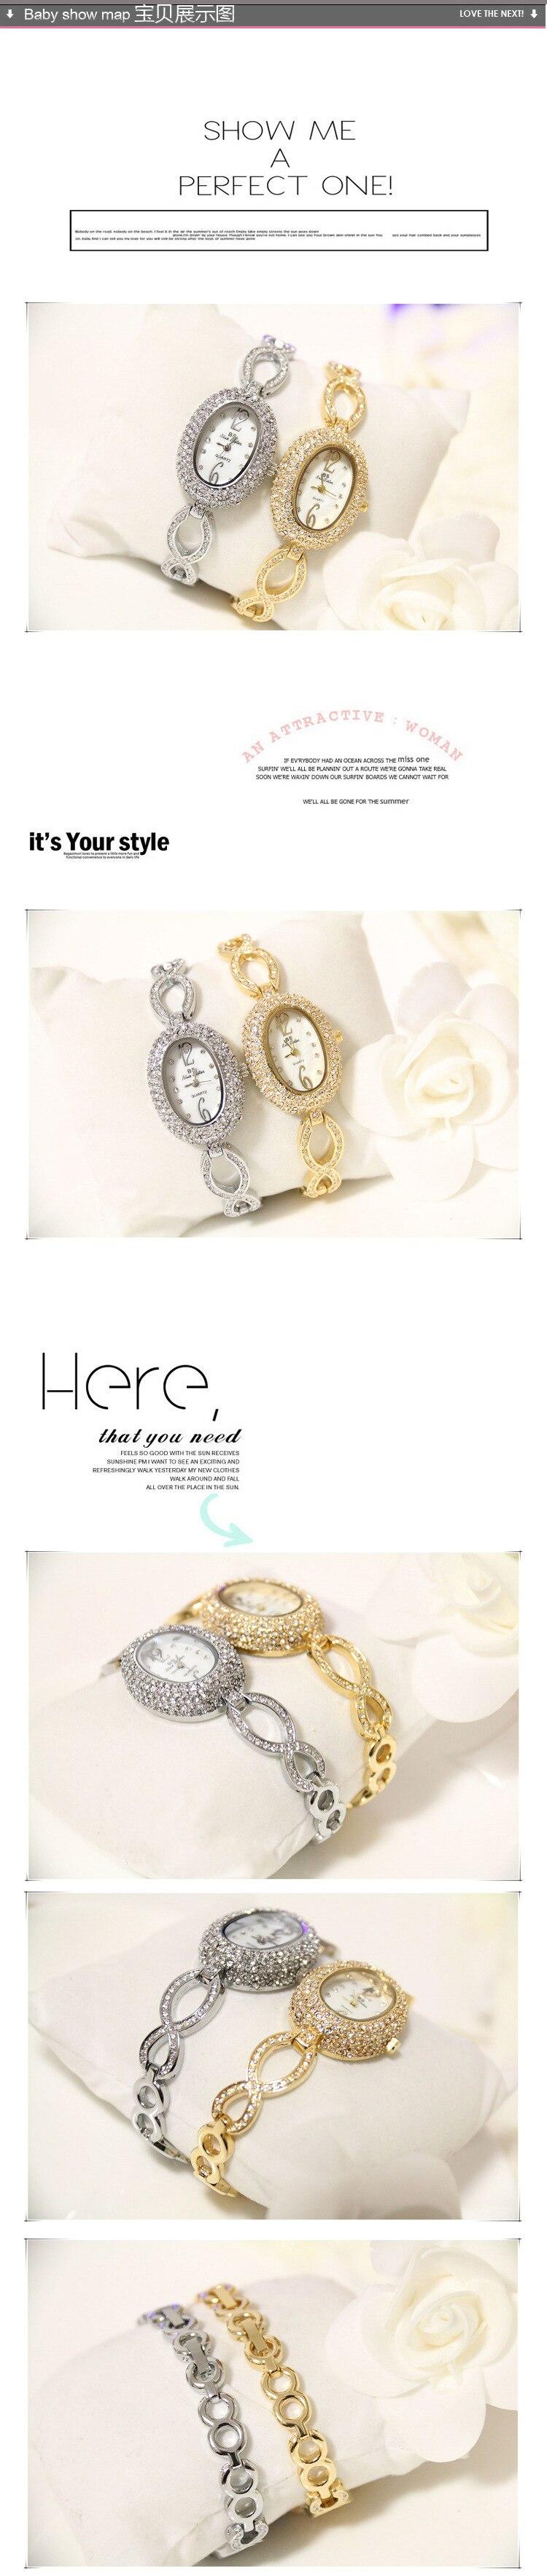 de luxo relógio feminino moda relógios femininos